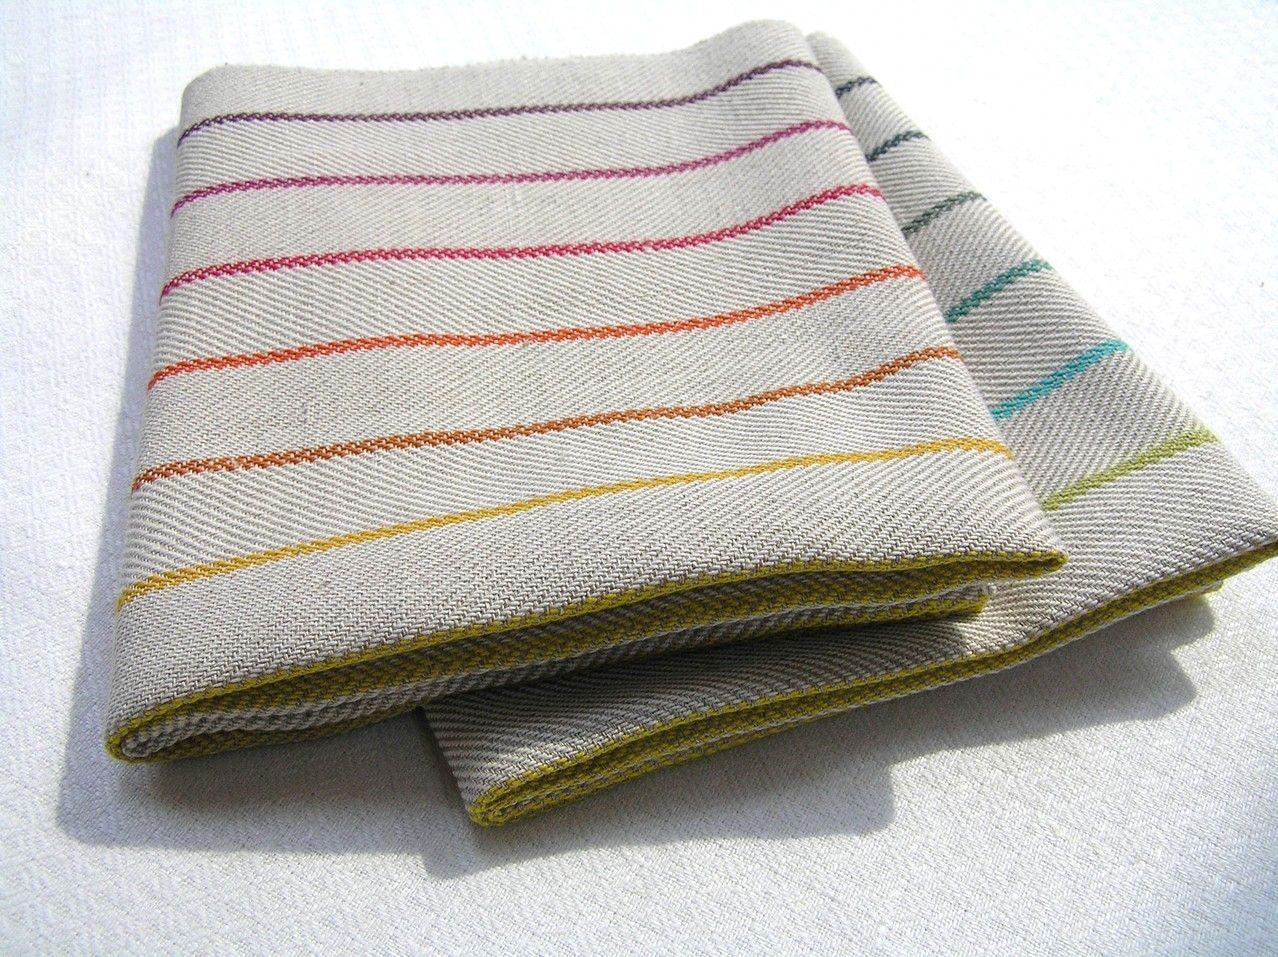 dish towel woven by hand geschirrtuch handgewebt baumwolle leinen weaving pinterest. Black Bedroom Furniture Sets. Home Design Ideas